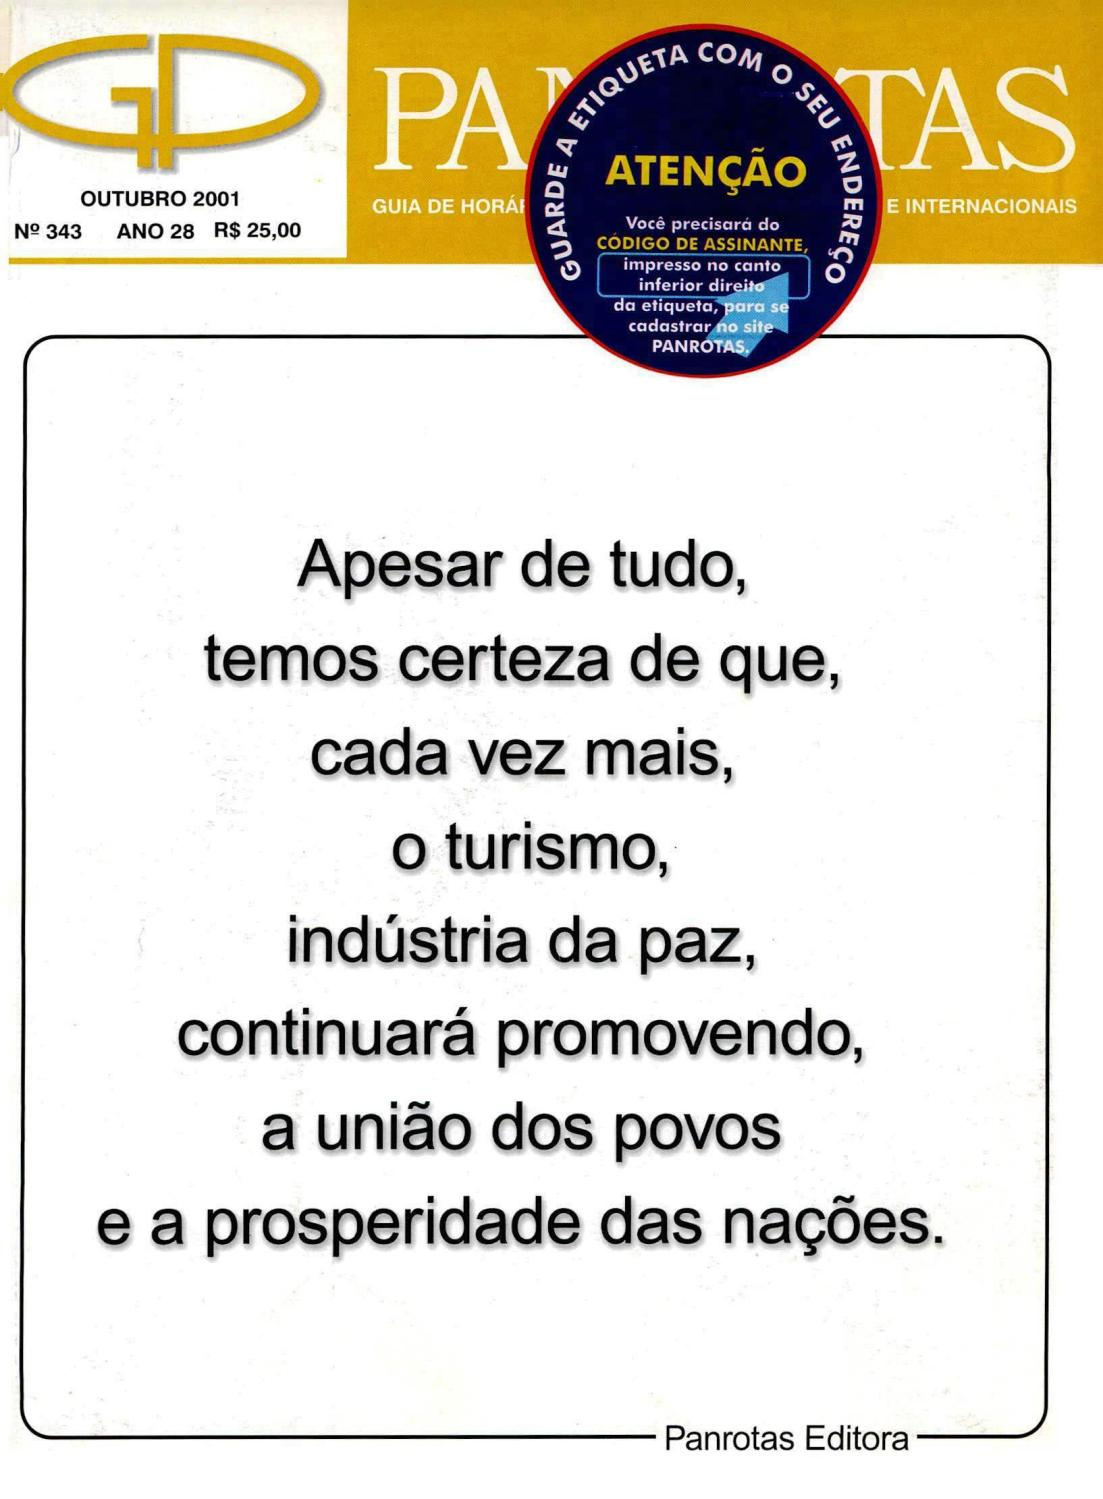 b98463a3d9 Guia Panrotas - Edição 343 - Outubro 2001 by PANROTAS Editora - issuu